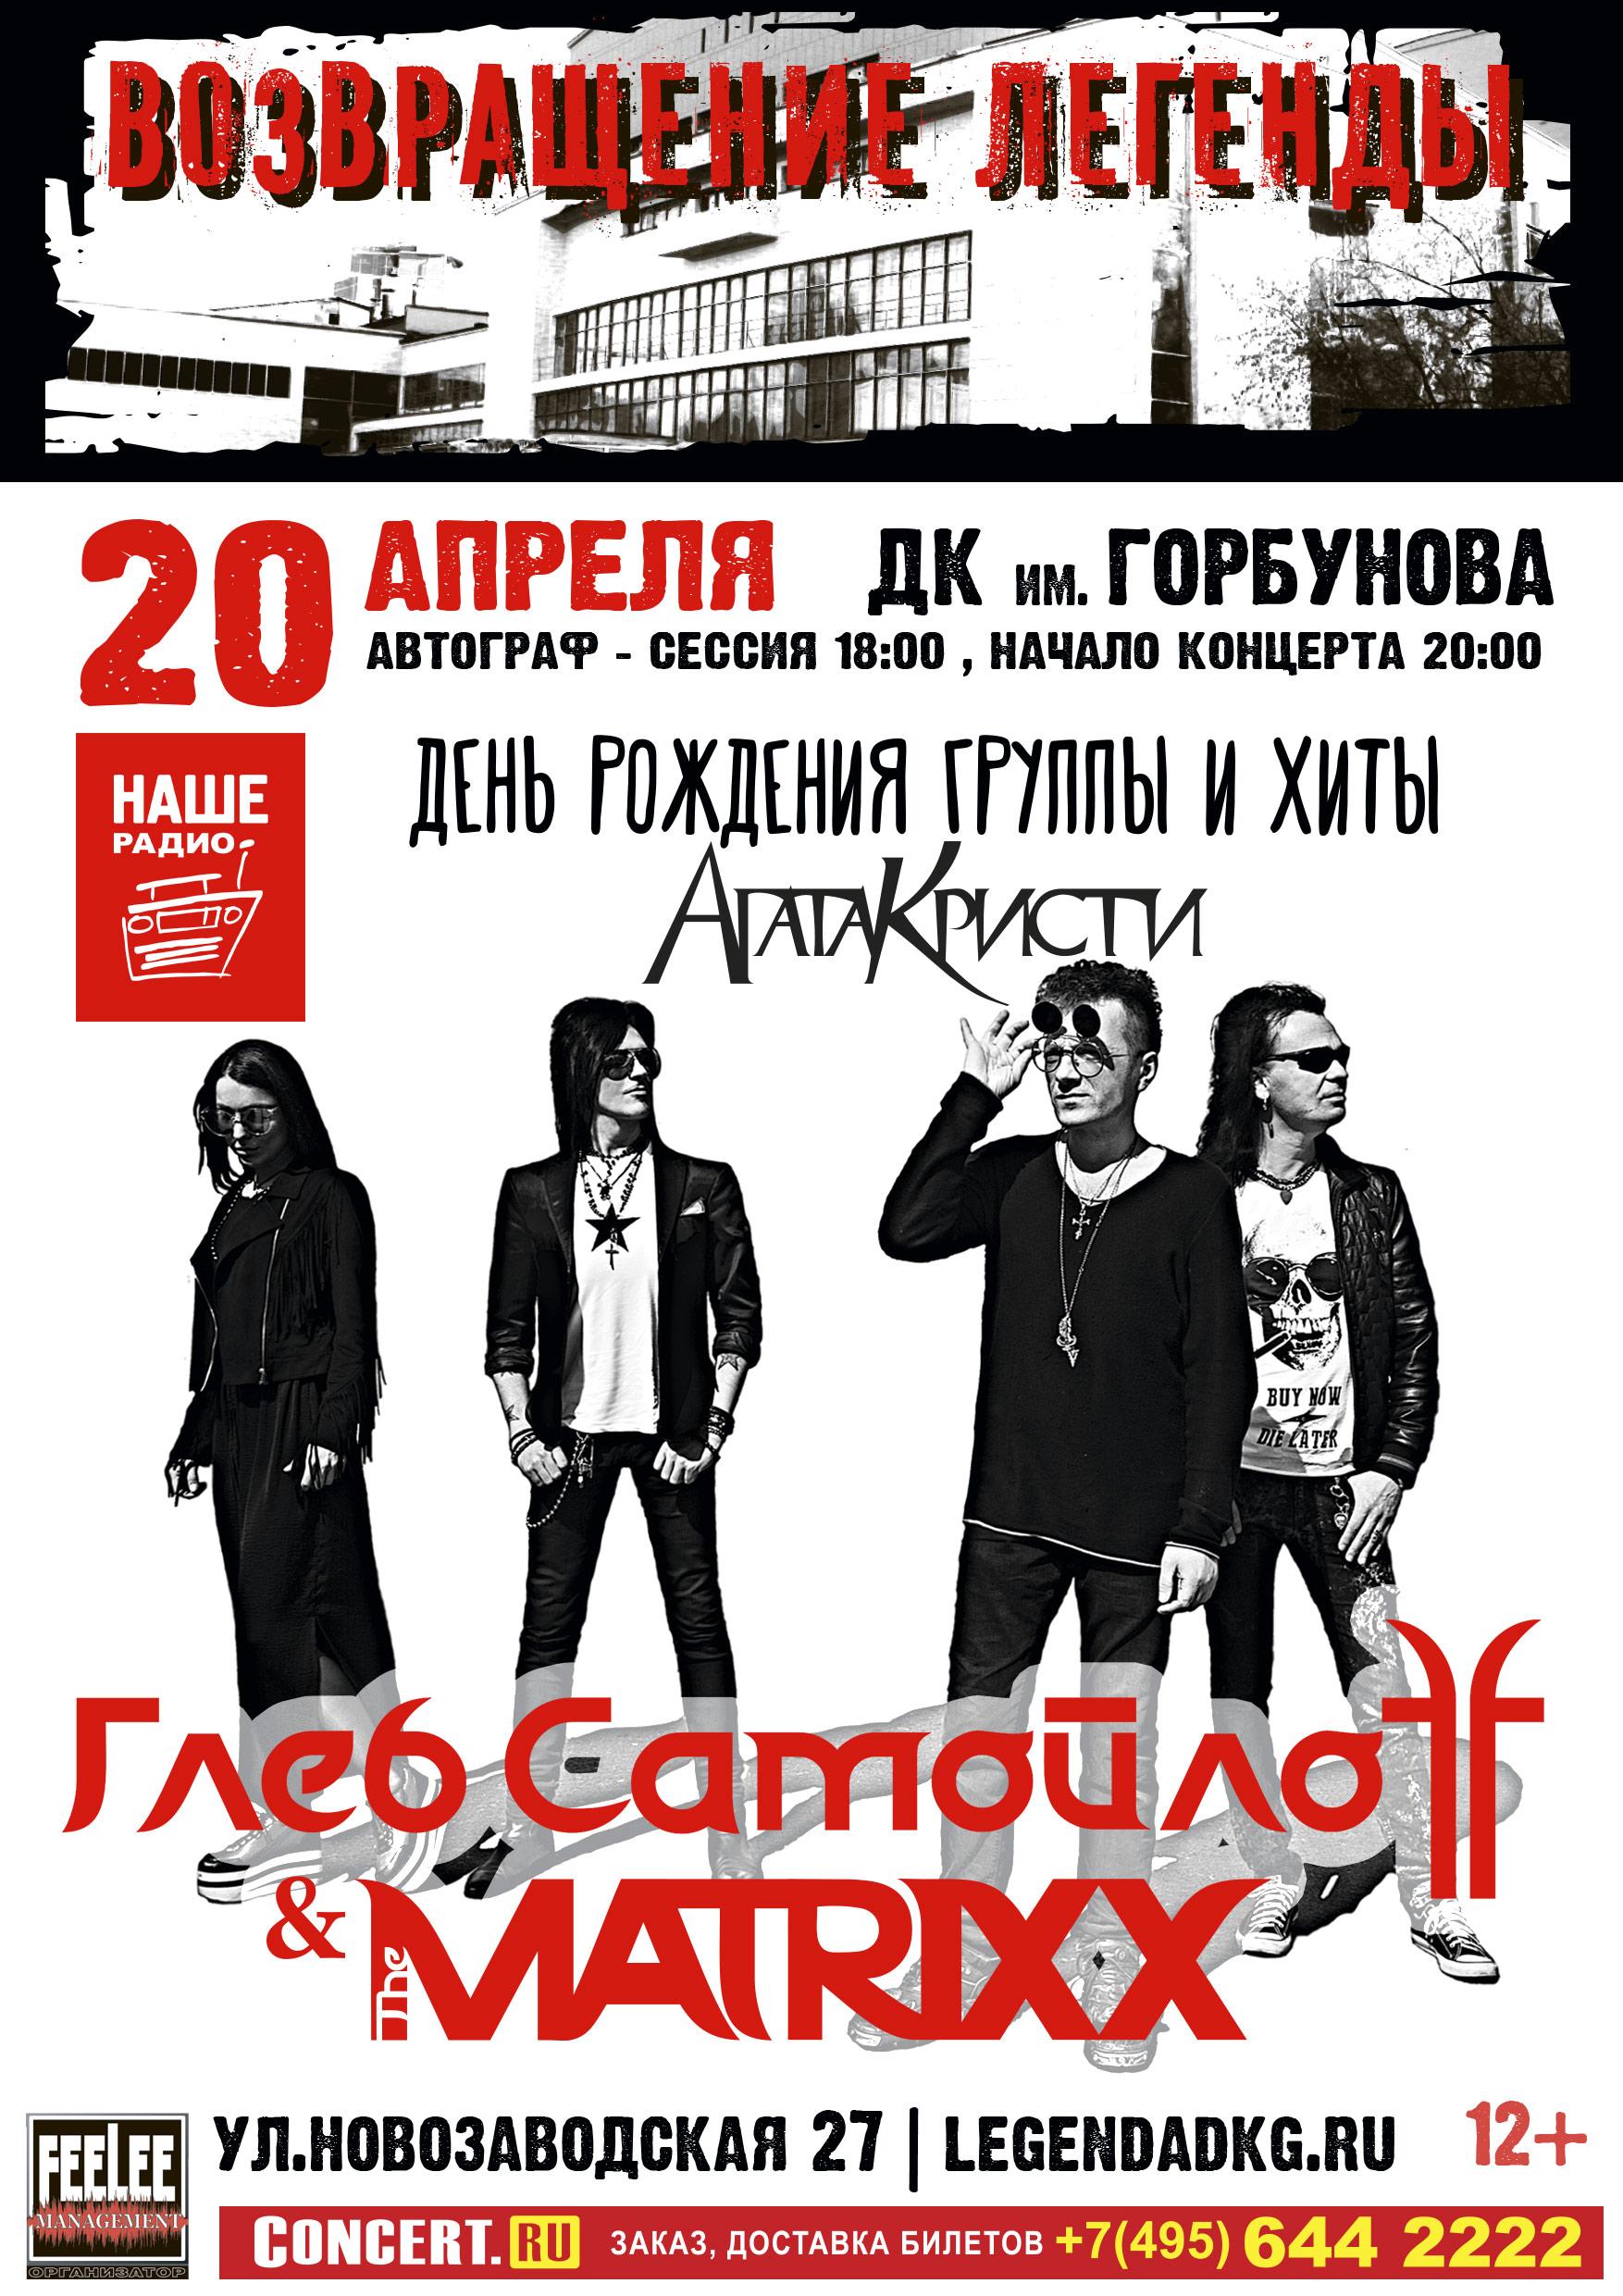 Москва - День рождения группы The MATRIXX @ ДК им. Горбунова